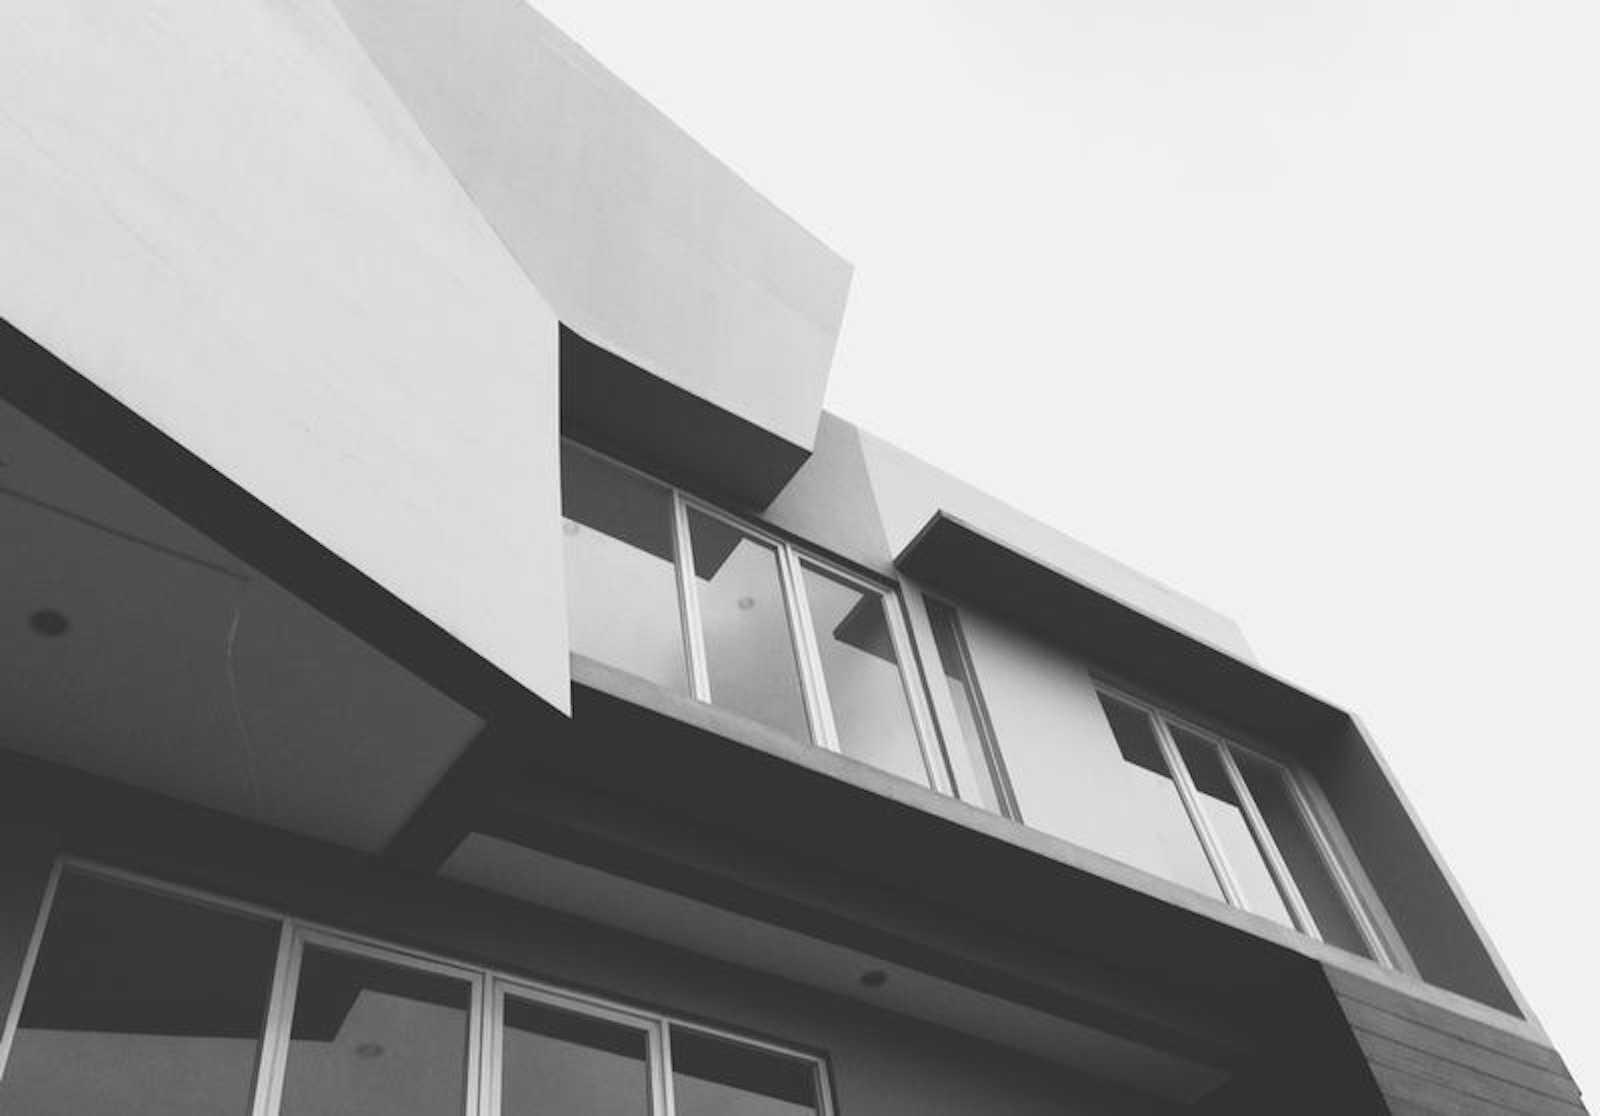 Studio Asri Malayka Residence Jakarta, Daerah Khusus Ibukota Jakarta, Indonesia Jakarta, Daerah Khusus Ibukota Jakarta, Indonesia Studio-Asri-Malayka-Residence  67498